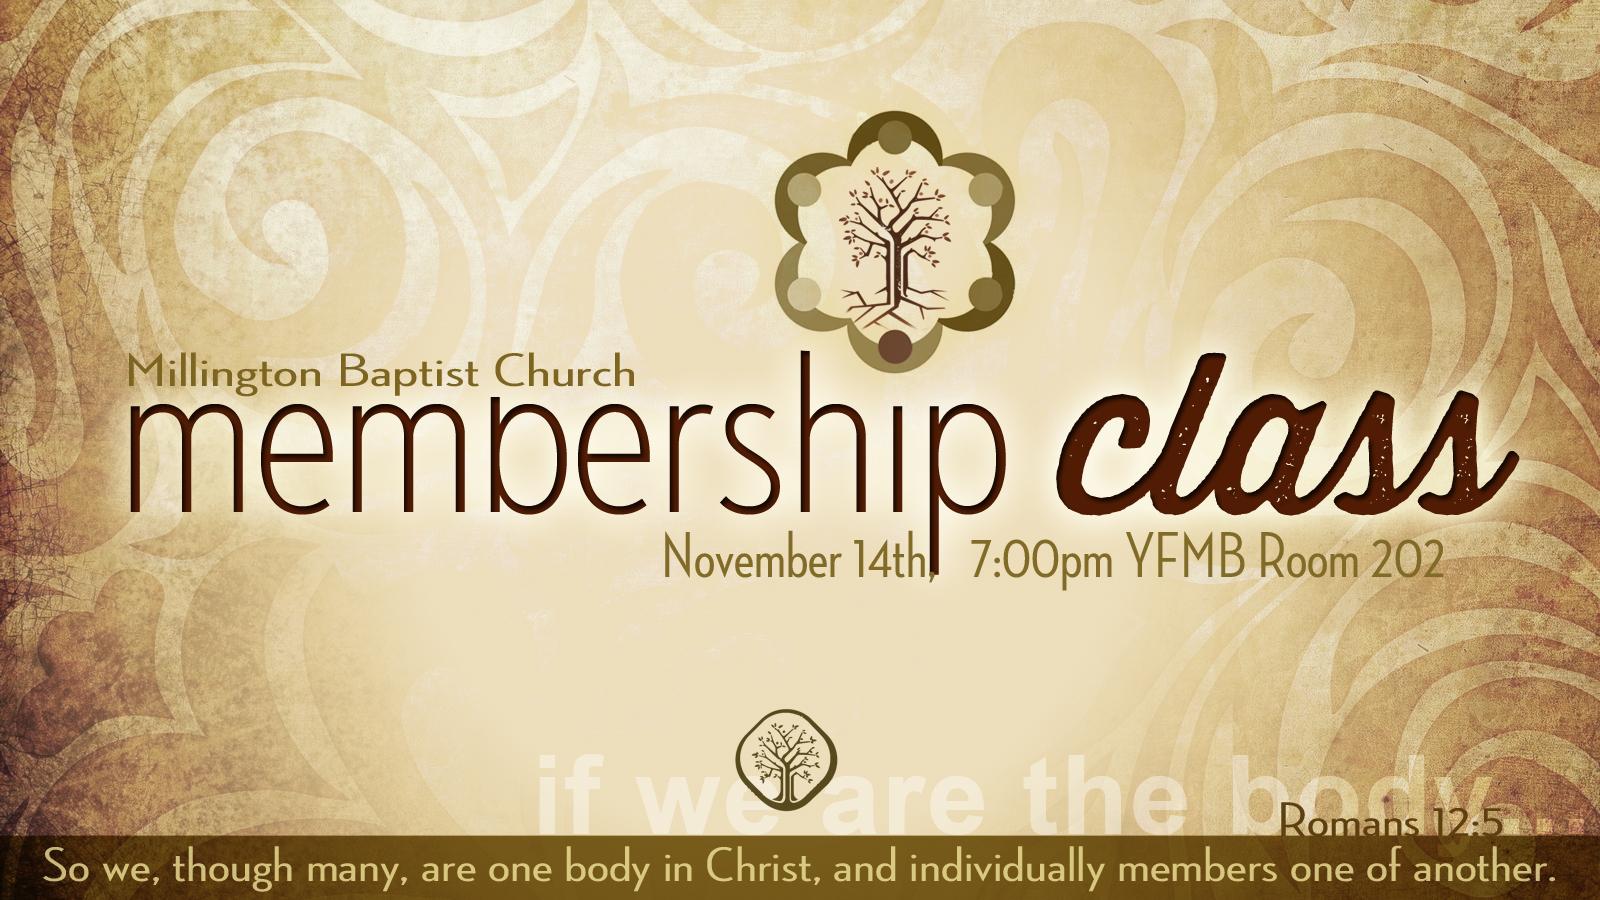 Membership class 16.9hd 2017 nov 14